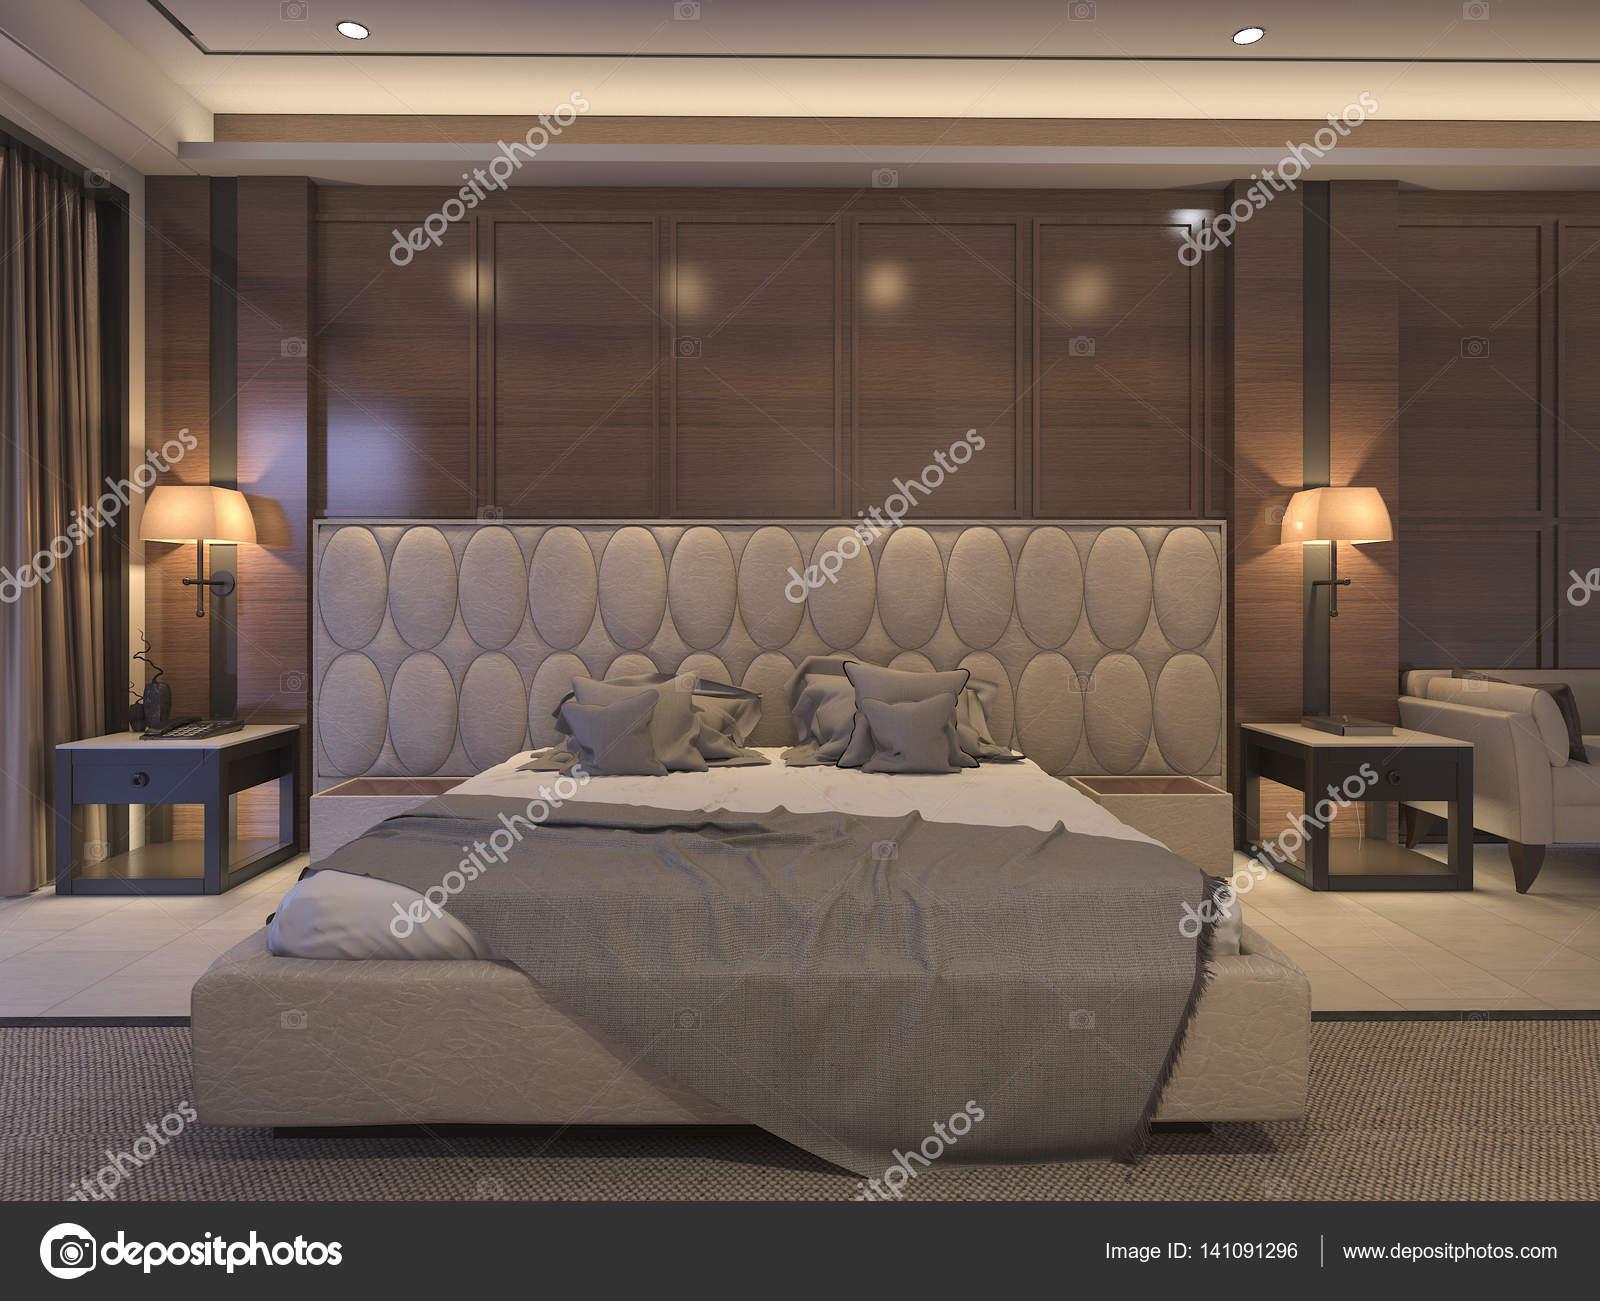 Perfekt 3D Rendering Klassische Schlafzimmer Mit Luxuriösen Dekor Und Romantischen  Bett U2014 Stockfoto